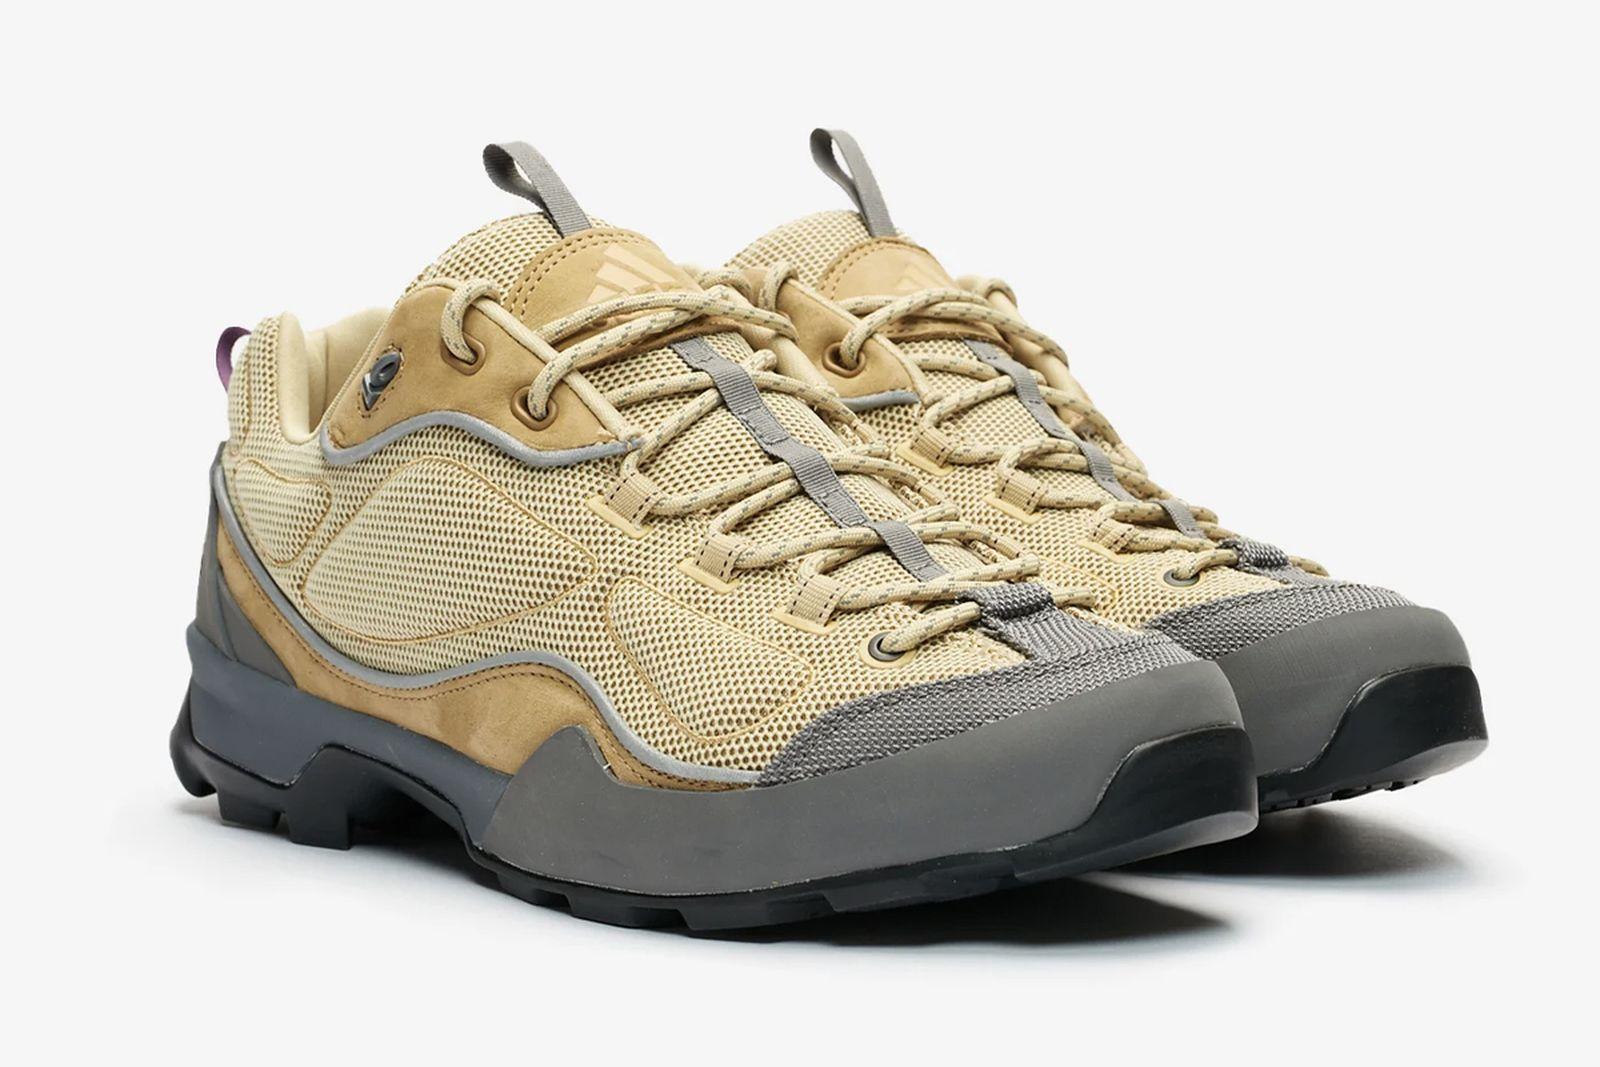 adidas-consortium-sahalex-release-date-price-06